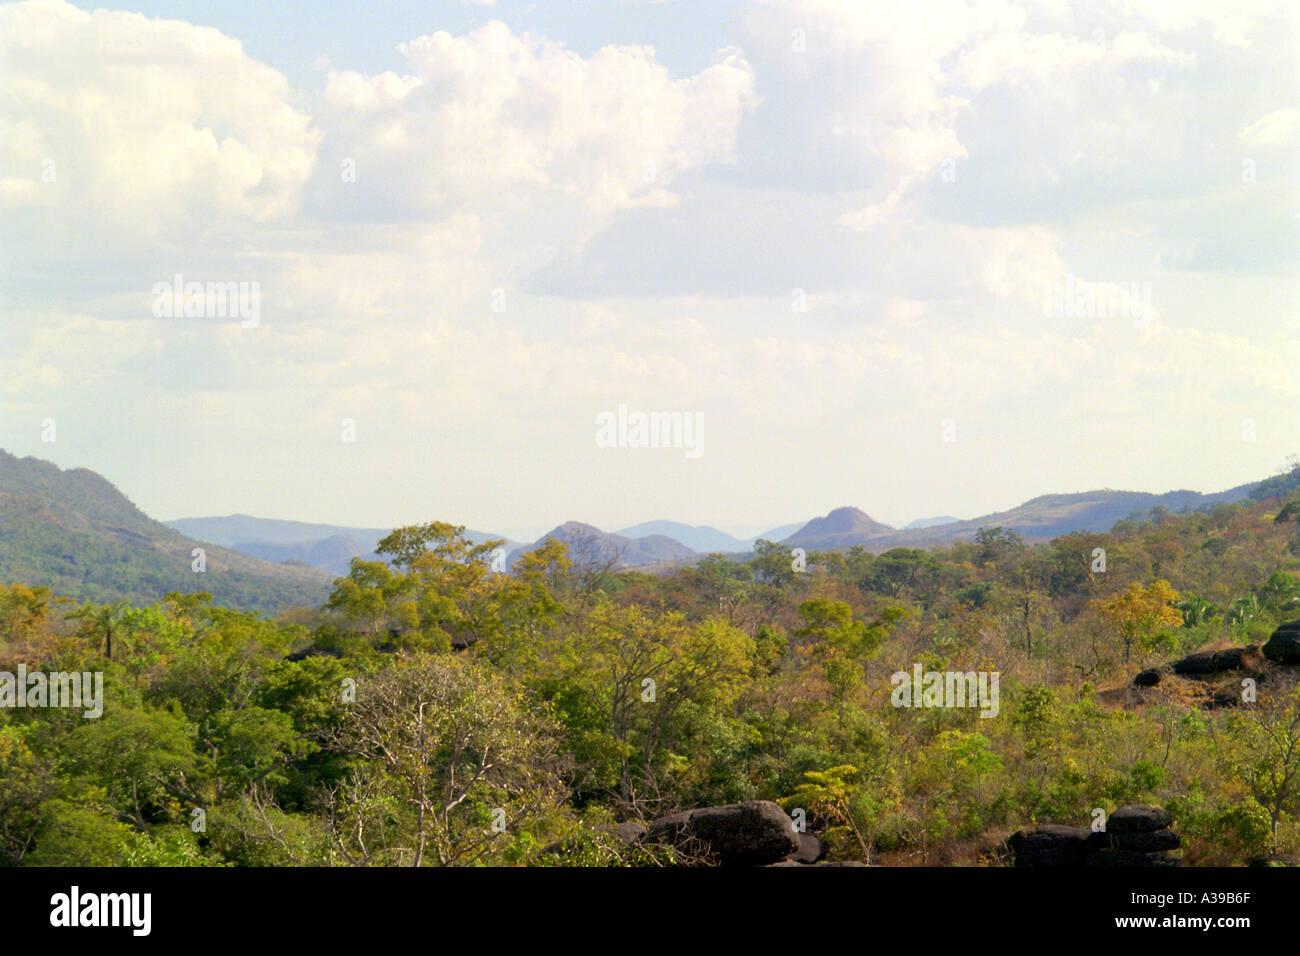 Parque Nacional da Chapada dos Veadeiros - Stock Image